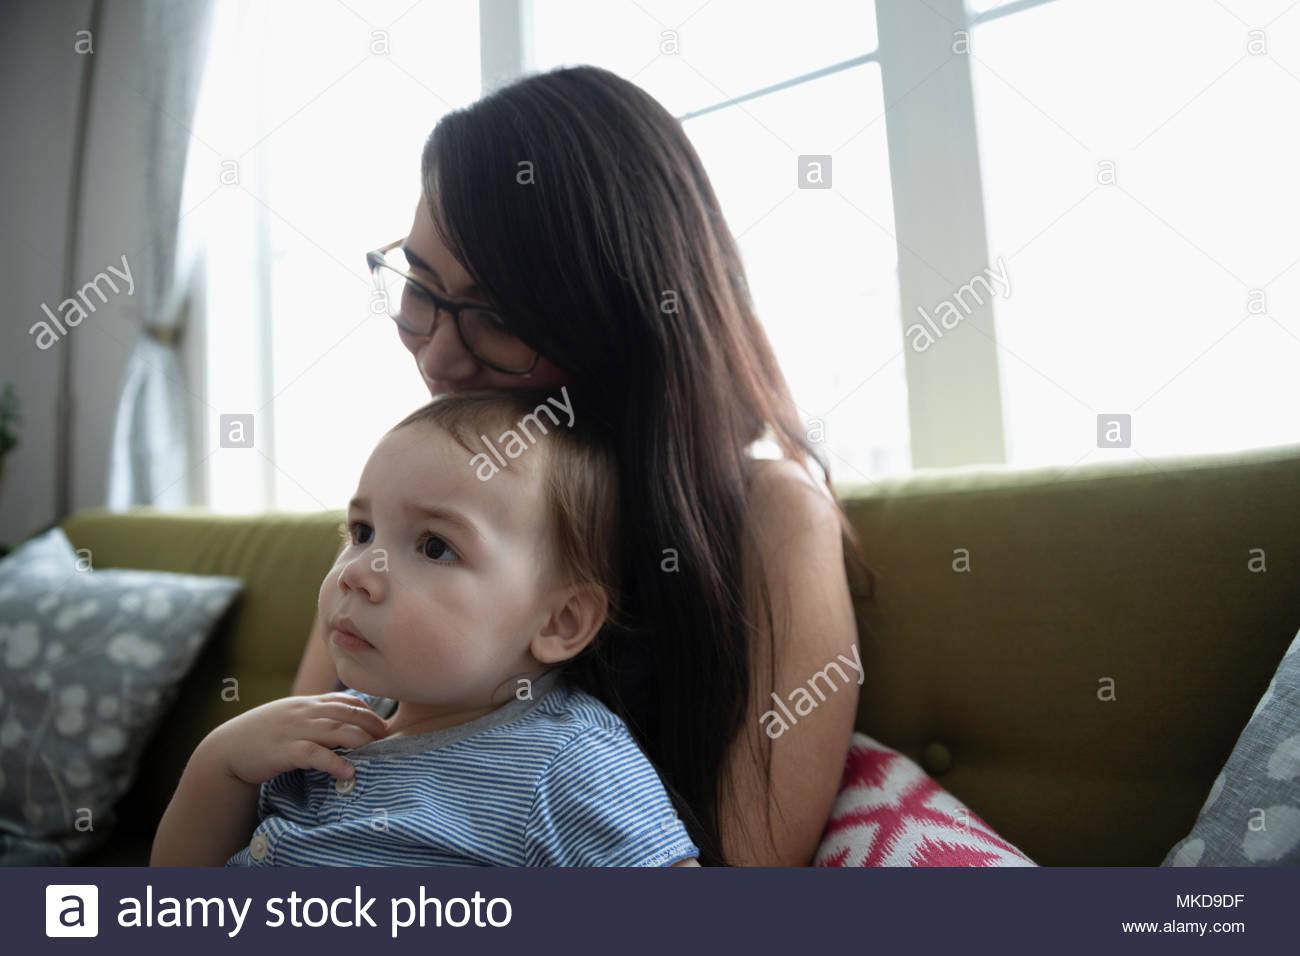 Liebevolle, zärtliche Mutter Holding baby Sohn auf dem Sofa Stockbild